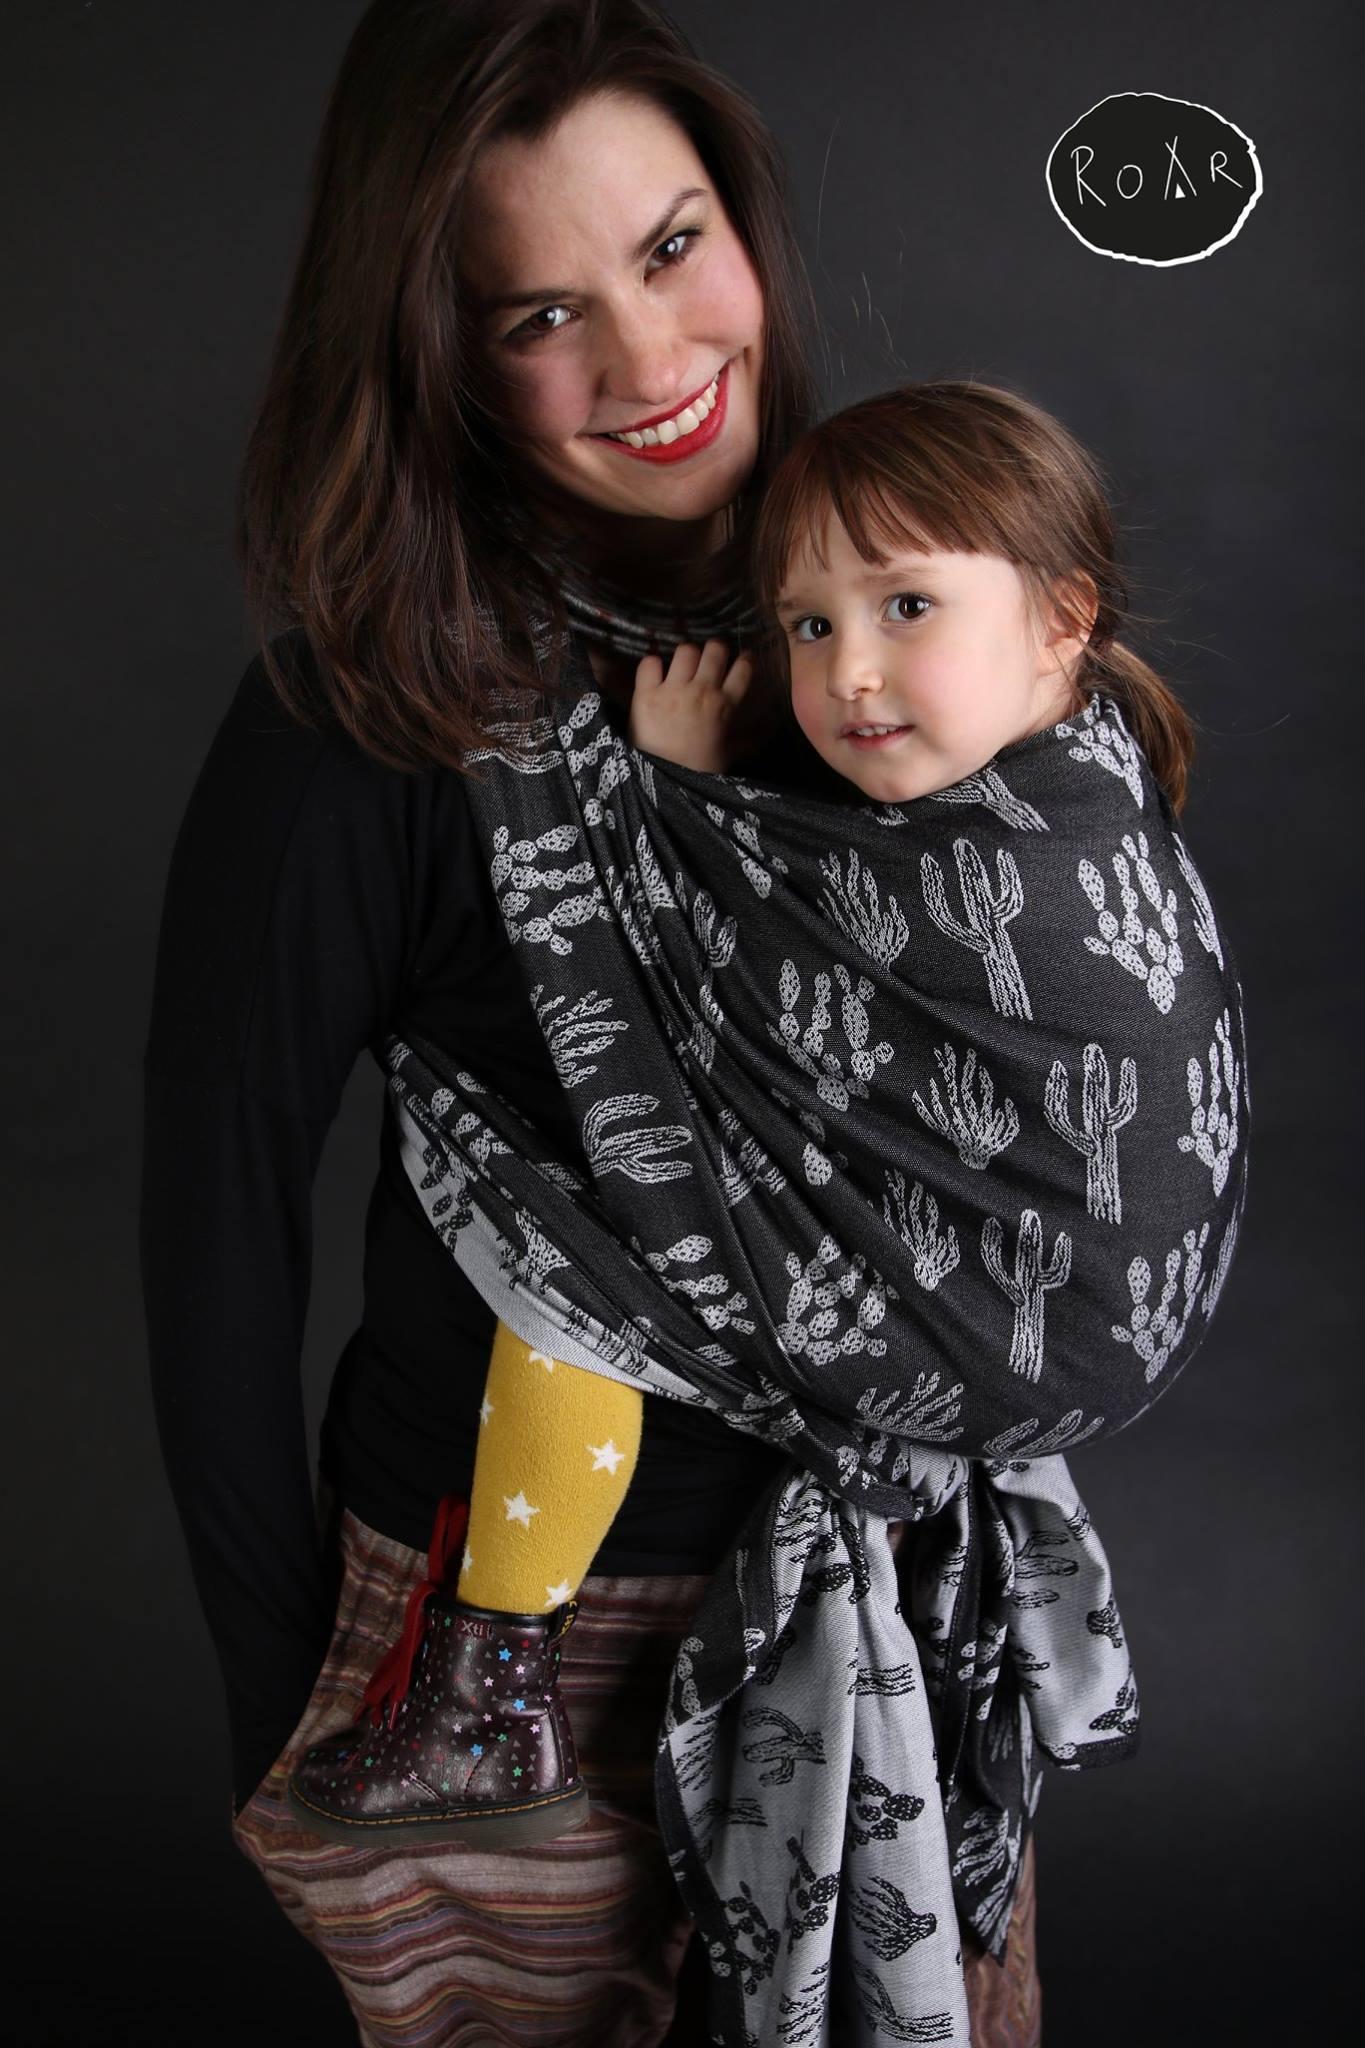 Roar Hug Noir Wrap